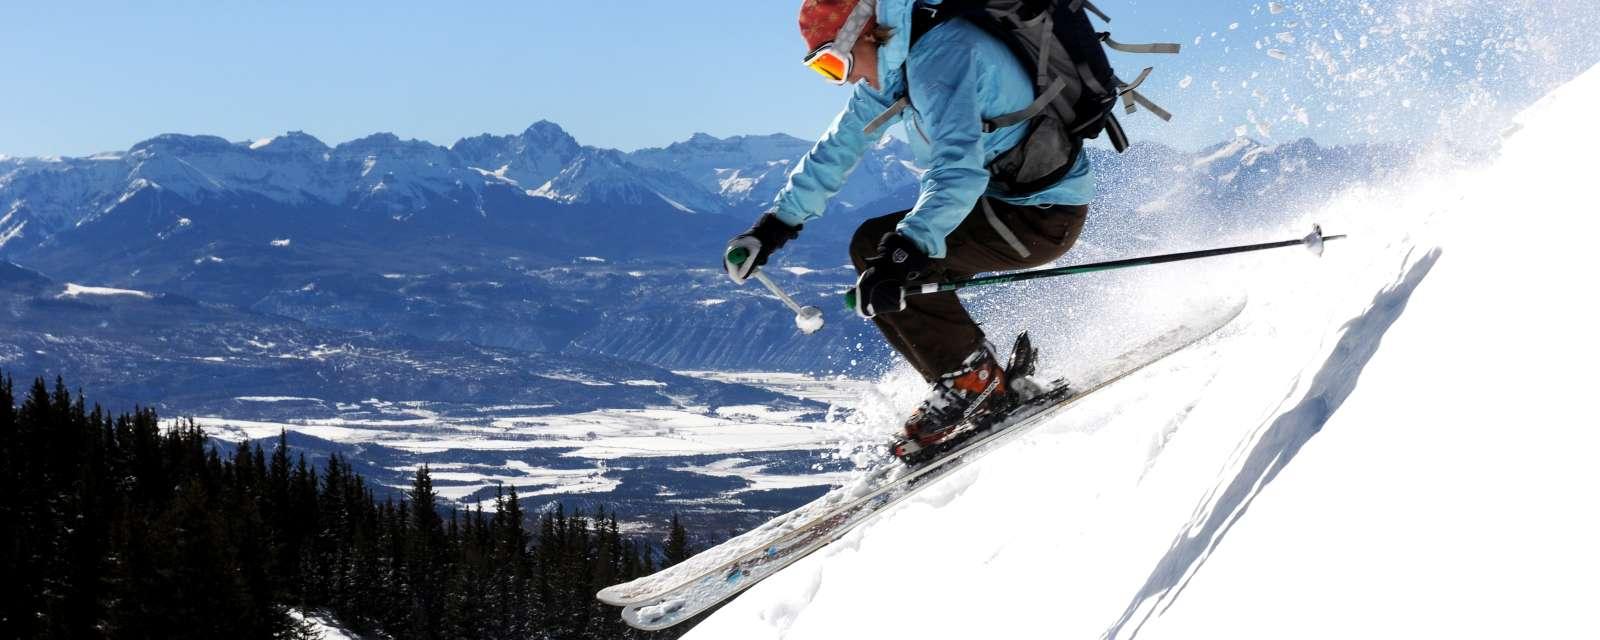 Skiausrüstung, Snowboards & Co ab auf die Piste | engelhorn